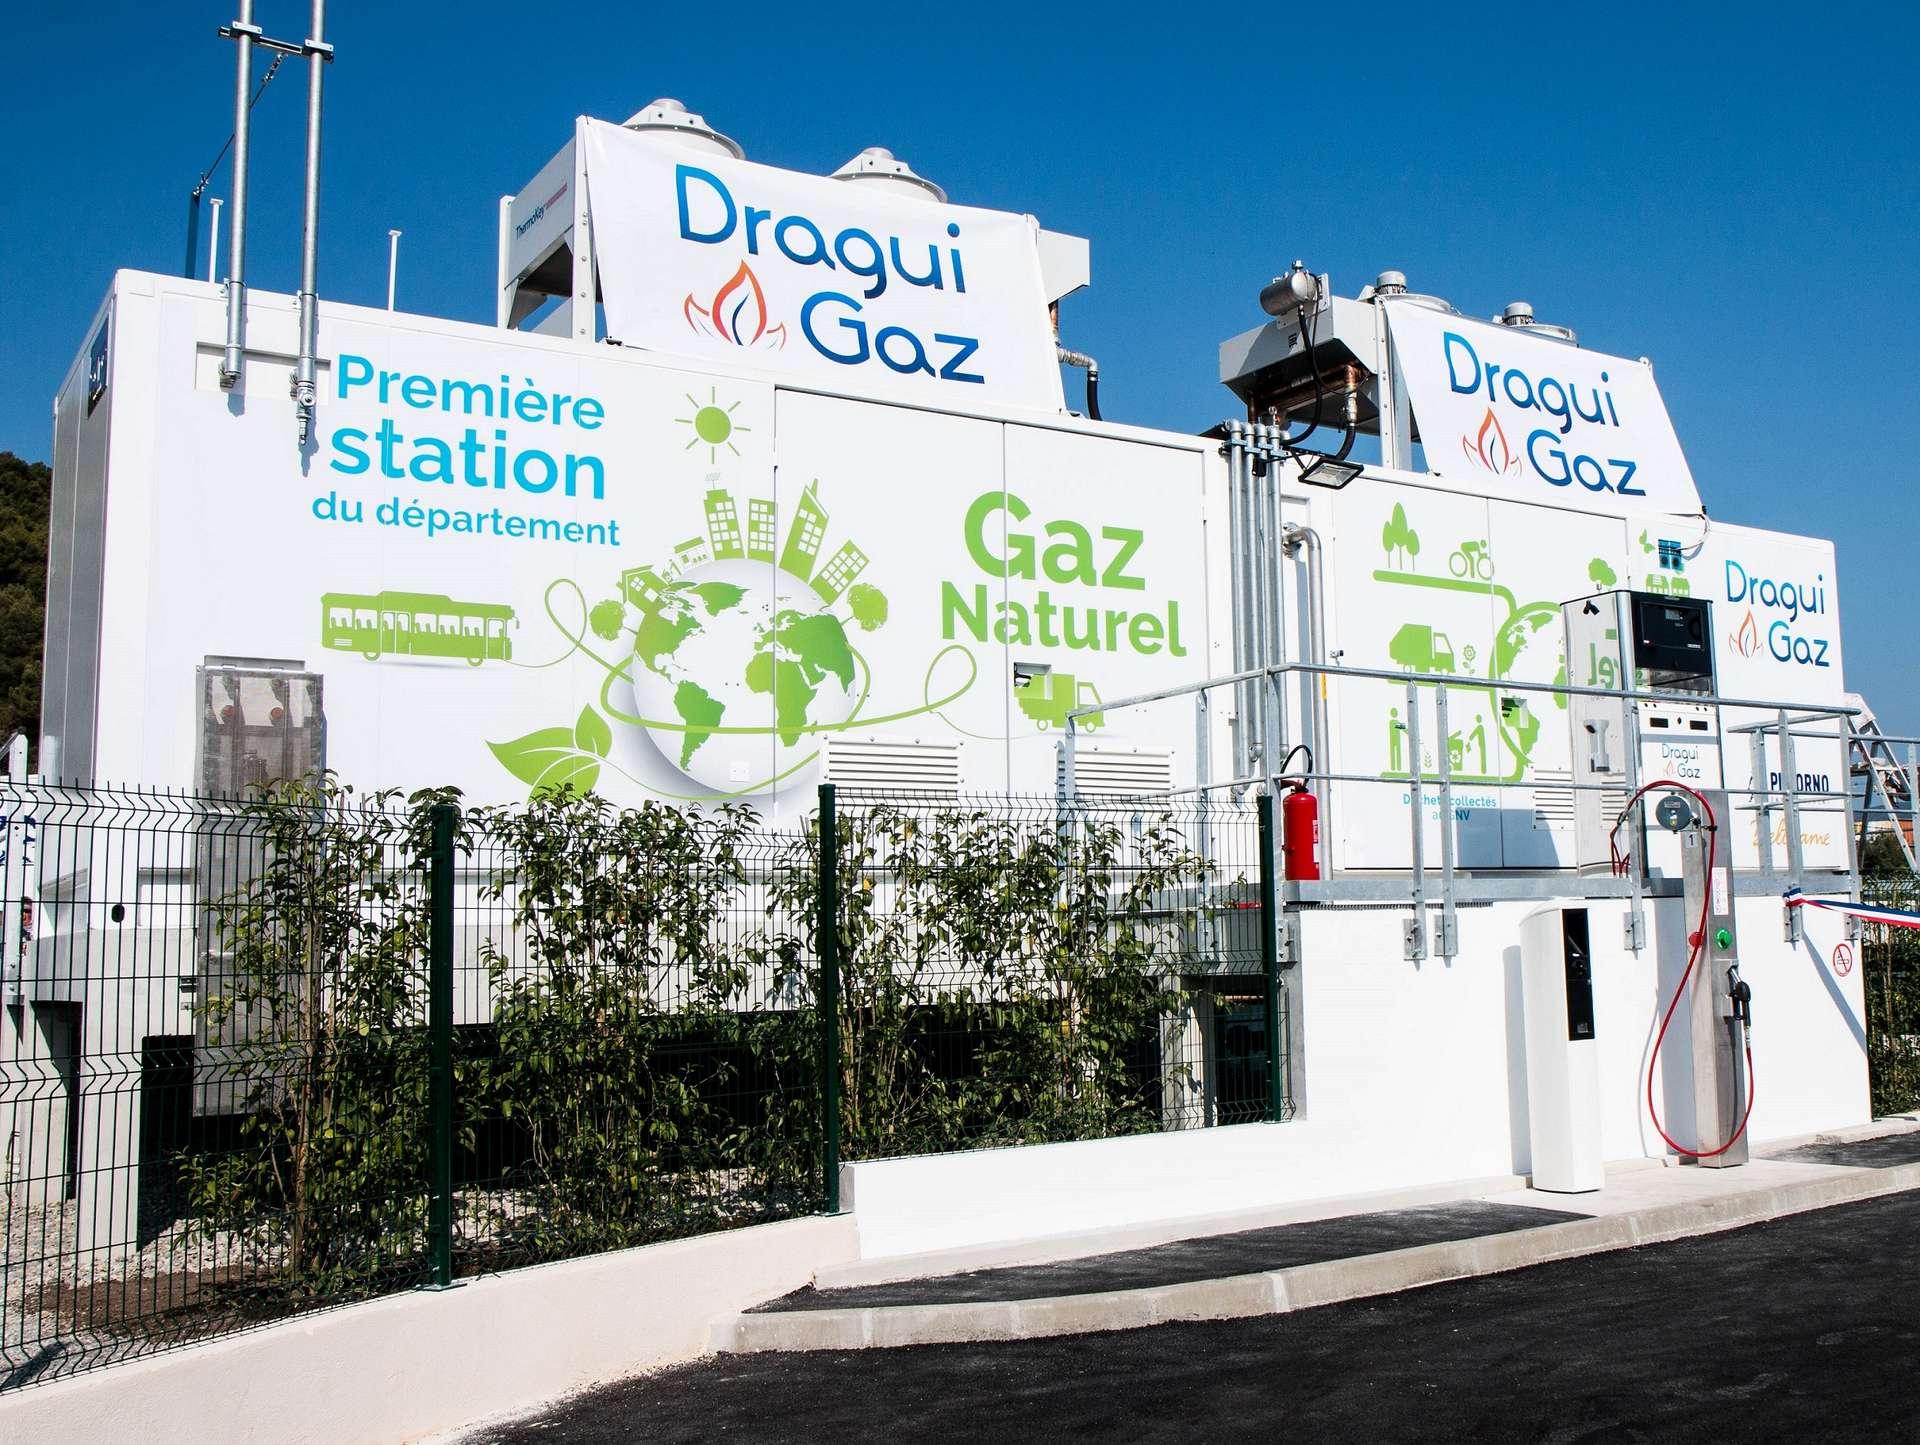 La station Dragui Gaz inaugurée le 4 juillet 2019 dans la zone d'activités de Saint-Hermentaire, à Draguignan est la première de son genre dans tout le Var. © Pizzorno Environnement